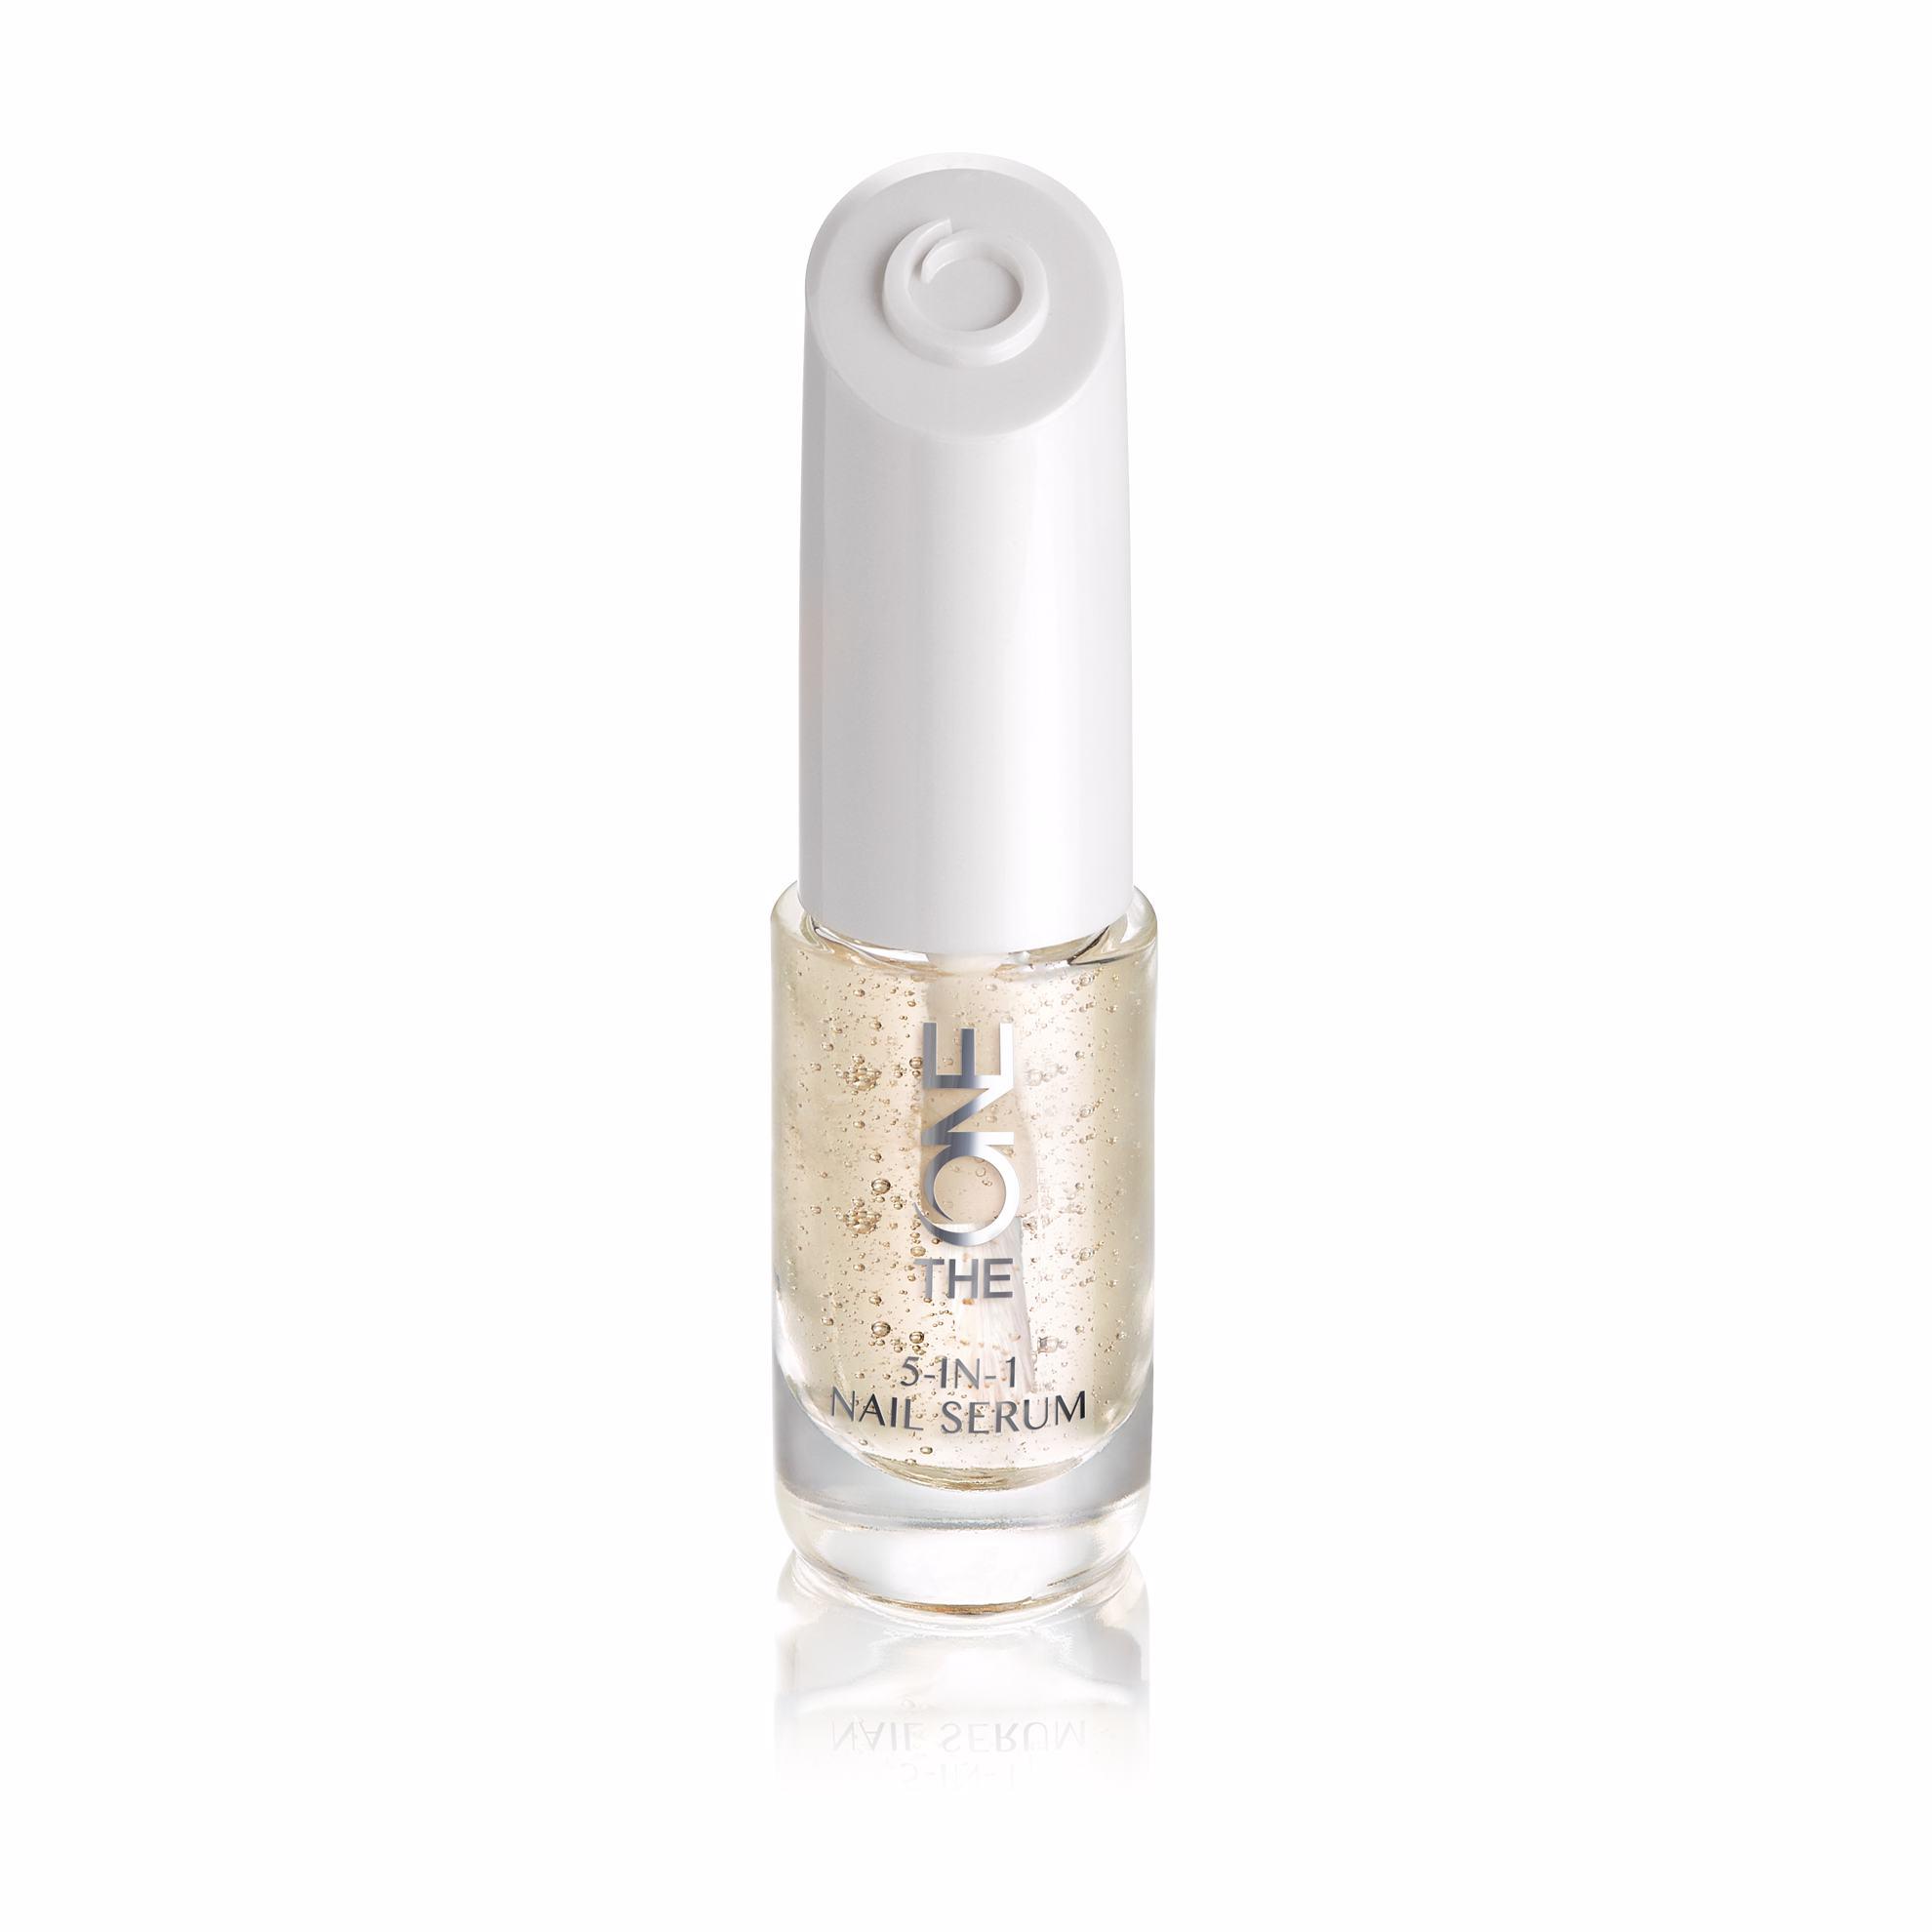 Regeneracni Serum Na Nehty 5 V 1 The One 32580 Pece O Nehty Dekorativni Kosmetika Oriflame